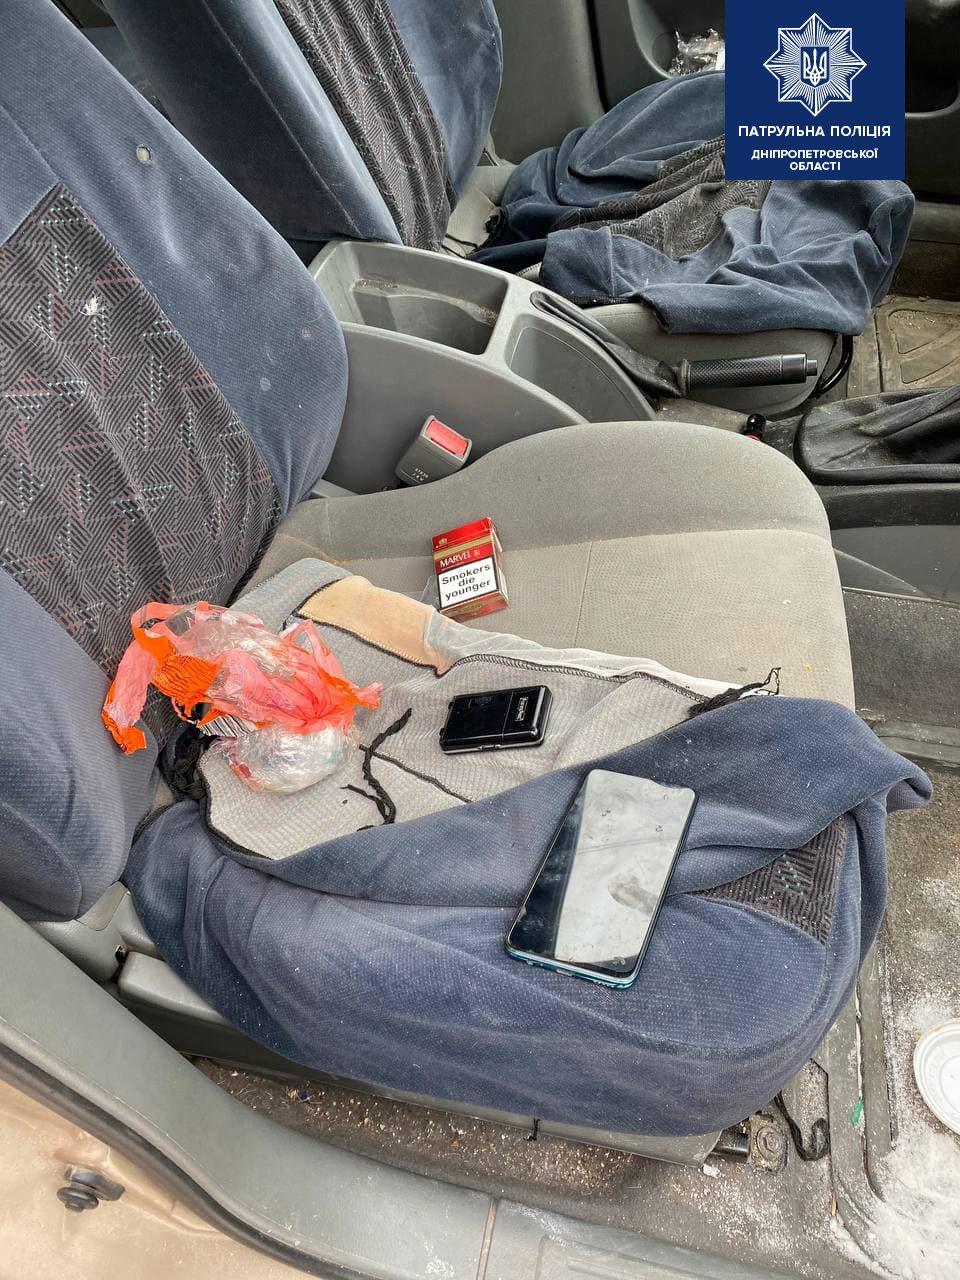 Хранил наркотики в трусах: патрульные обнаружили у жителей Днепра 87 закладок